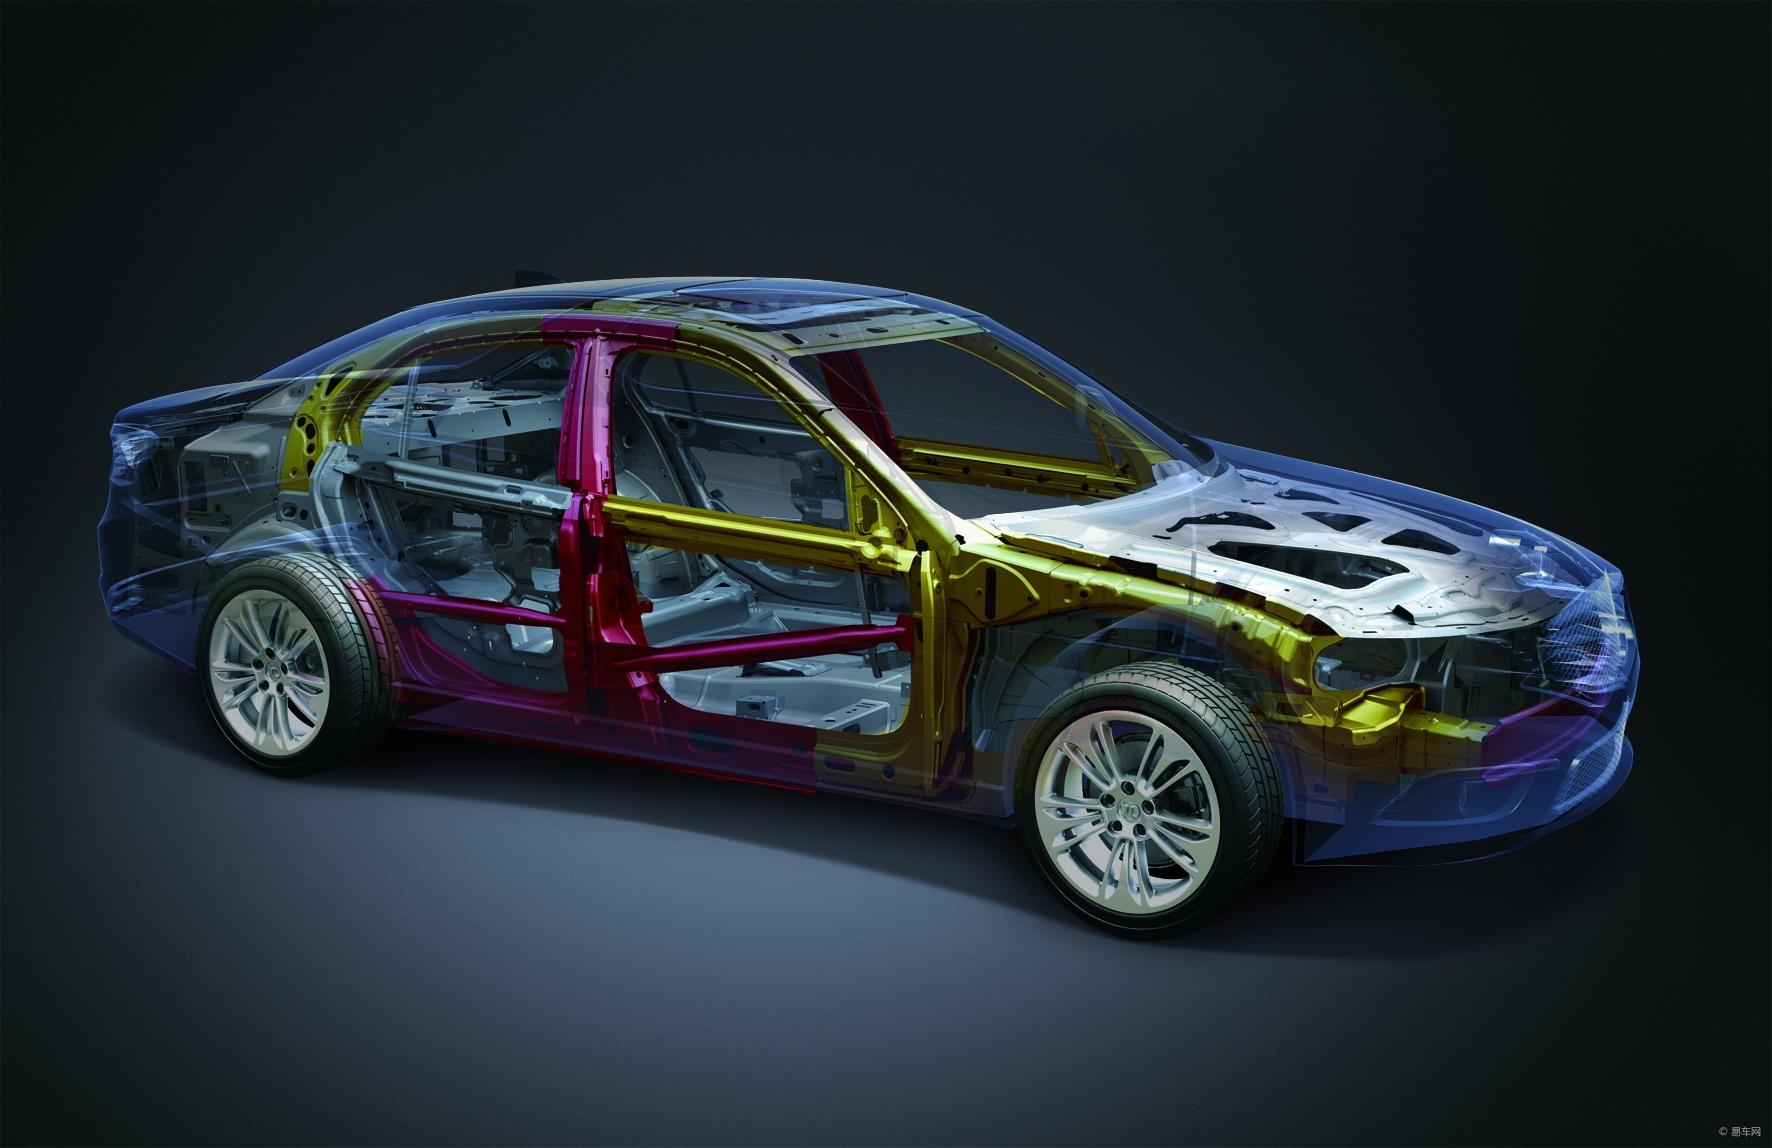 """众所周知,Saab是唯一全系荣获欧洲E-NCAP碰撞五星安全的品牌,也是豪华车中唯一连续4年获得美国公路安全保险协会IIHS""""最佳安全奖"""" Top Safety Pick Award的品牌。绅宝完全继承了Saab优异的安全品质,有望在2012版C-NCAP碰撞测试中全系力保五星,并争取最高分。    对所有的车辆来说,不发生碰撞永远都是最安全的。防患于未然,最大限度地避免危险发生,是绅宝主动安全性能的核心理念。谈到汽车的安全控制系统,普遍会联想到ABS、EBD,而绅宝搭载的E"""